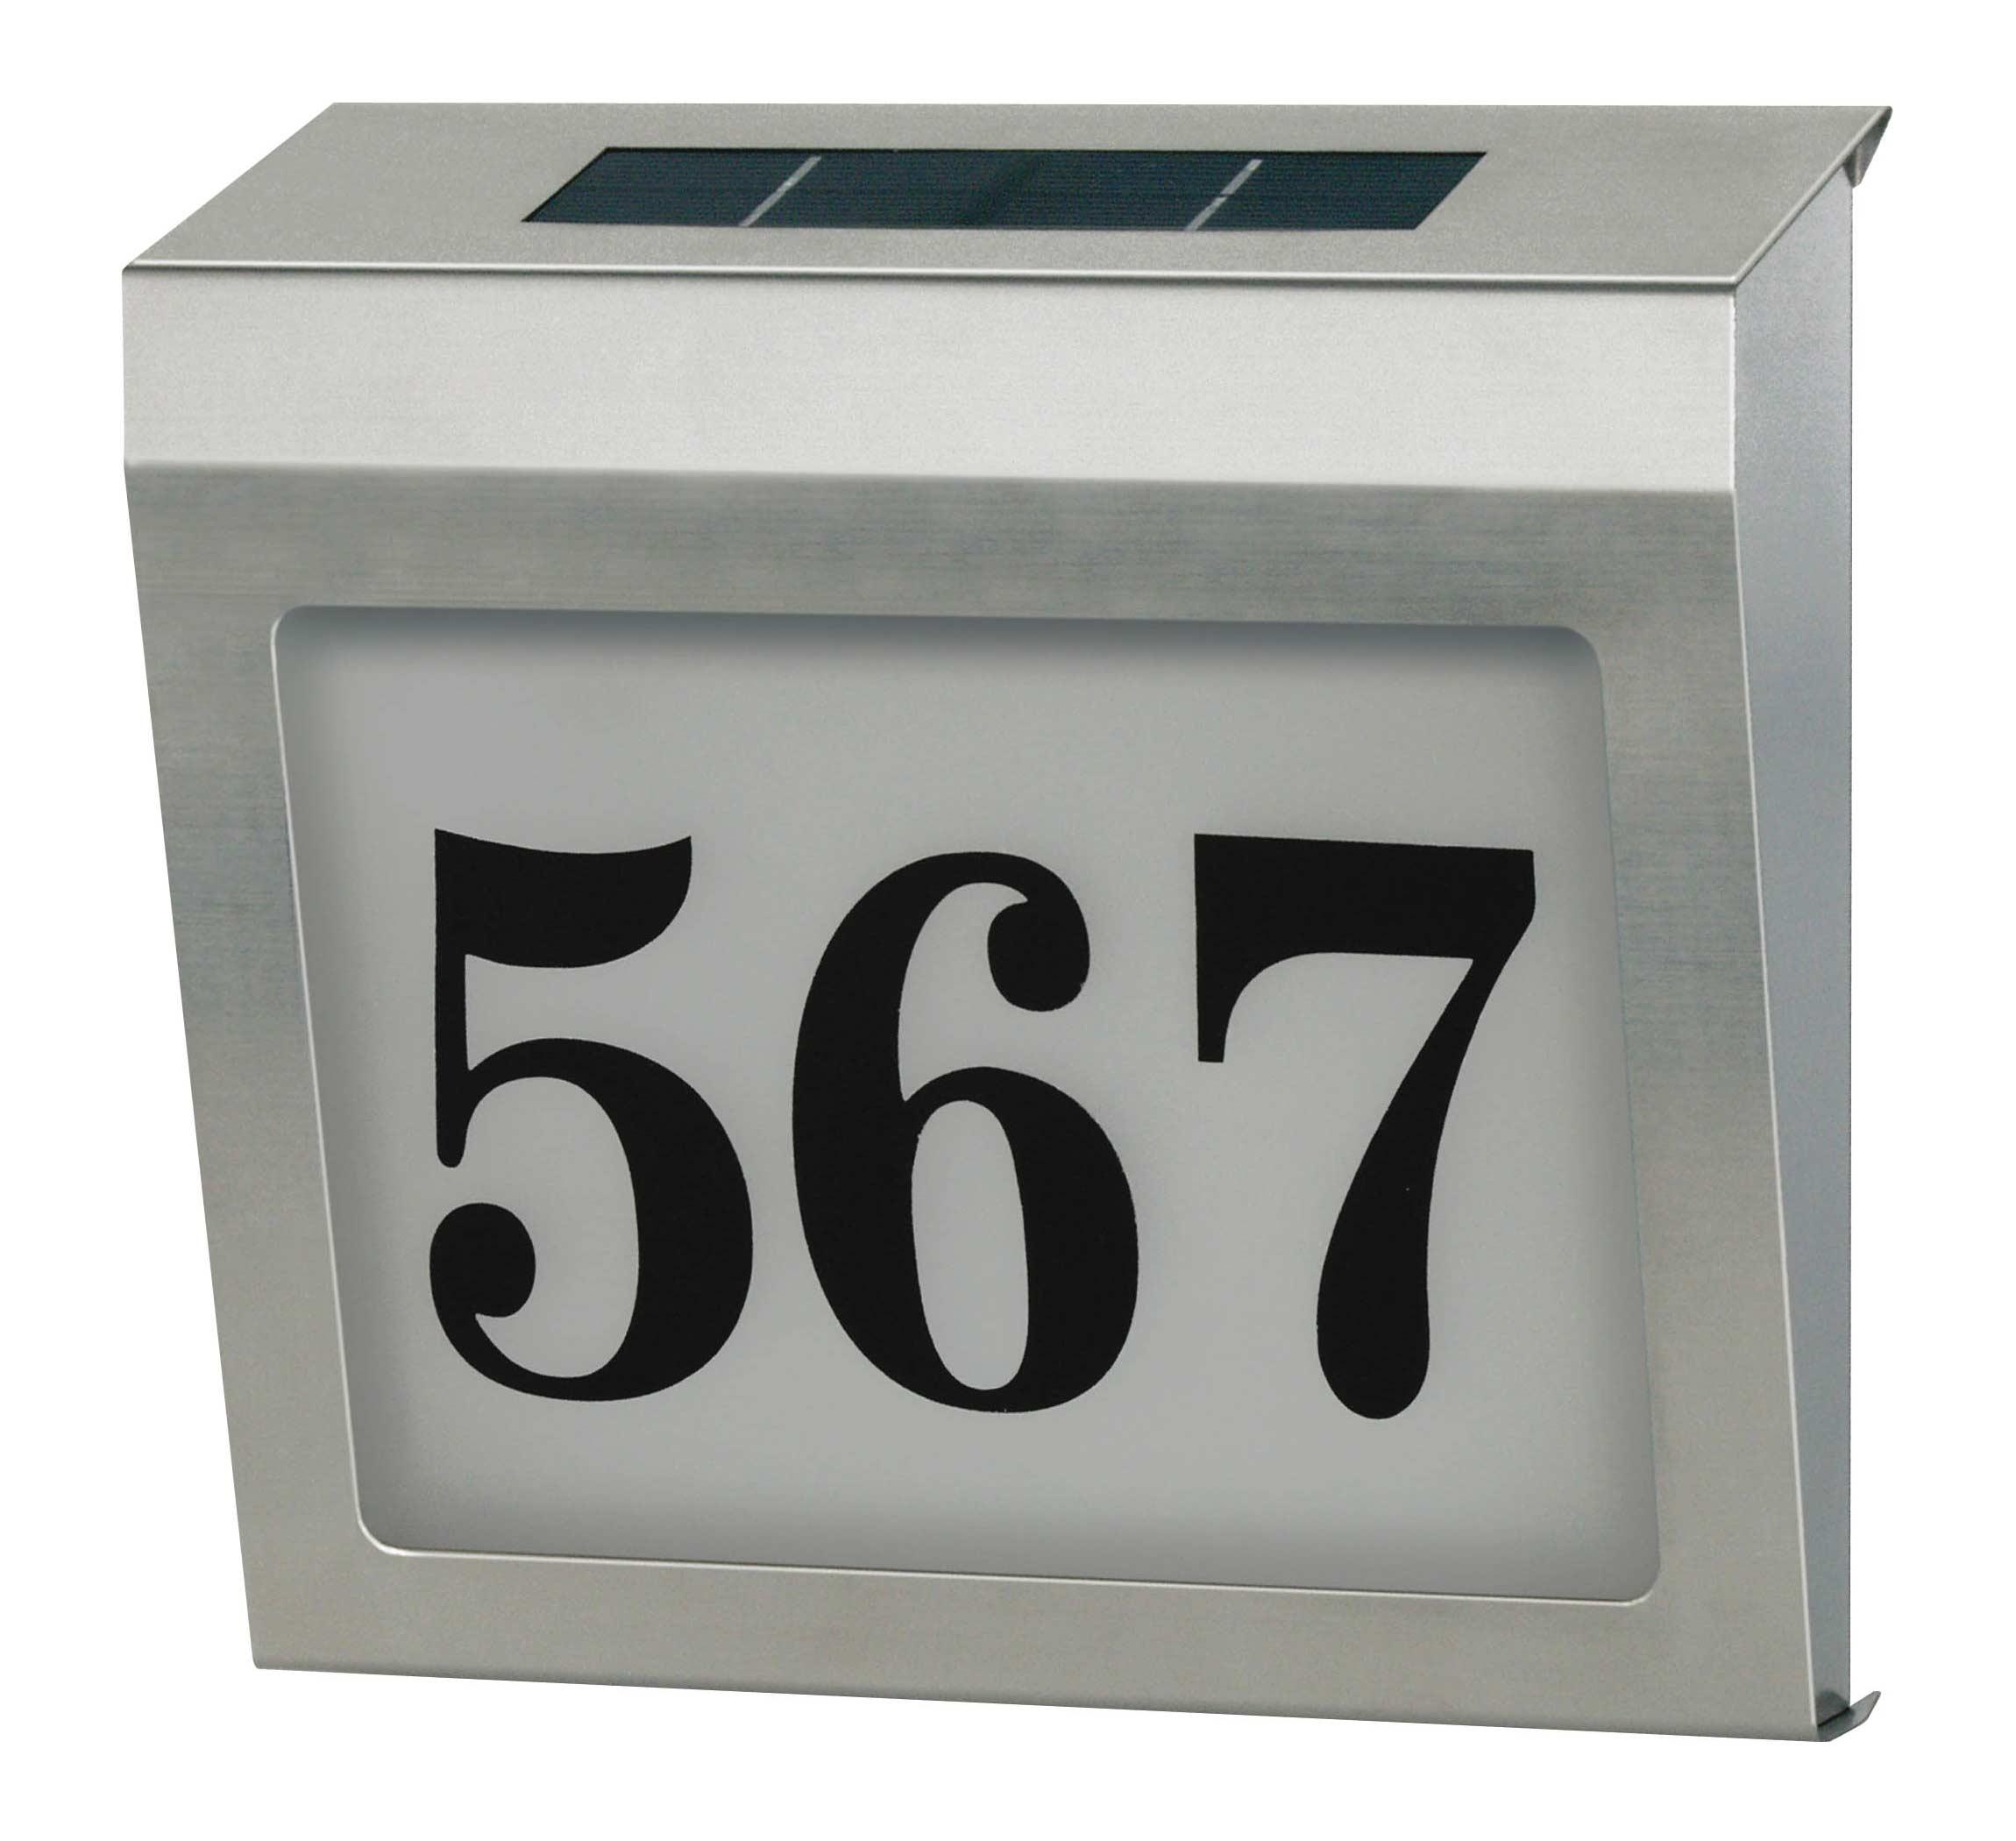 Brennenstuhl Solar Hausnummer Beleuchtung Solar Power SH 4000 4 LEDs Bild 1